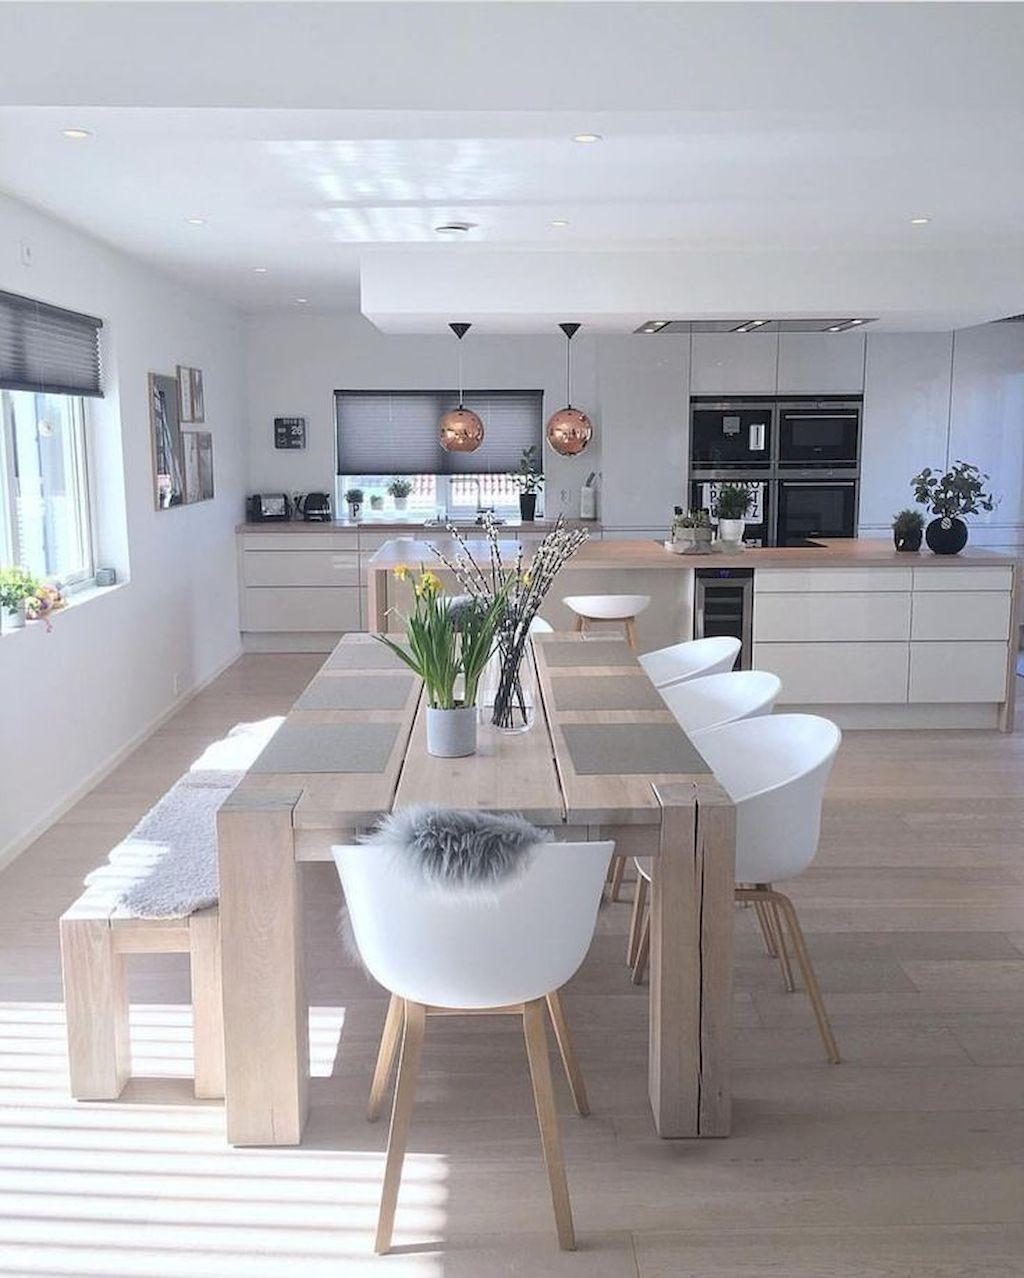 Minimalist home bedroom interior norwegian homes open plan instagram also design ideas for  glamorous dining room modern rh pinterest